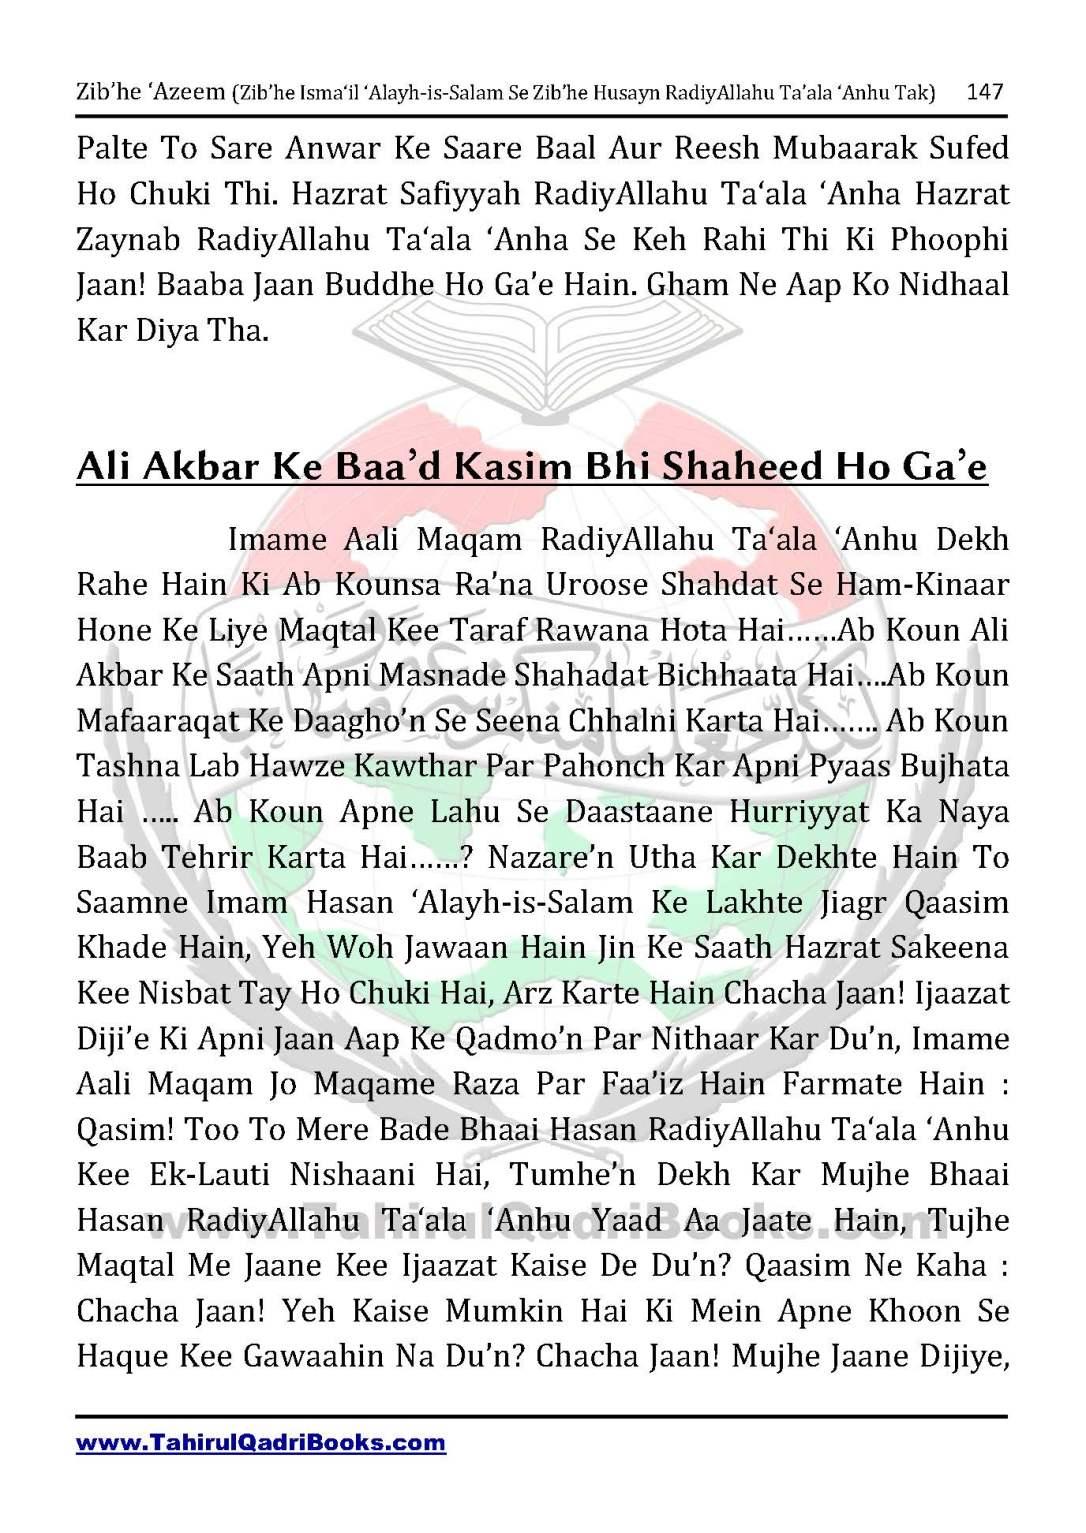 zib_he-e28098azeem-zib_he-ismacabbil-se-zib_he-husayn-tak-in-roman-urdu-unlocked_Page_147